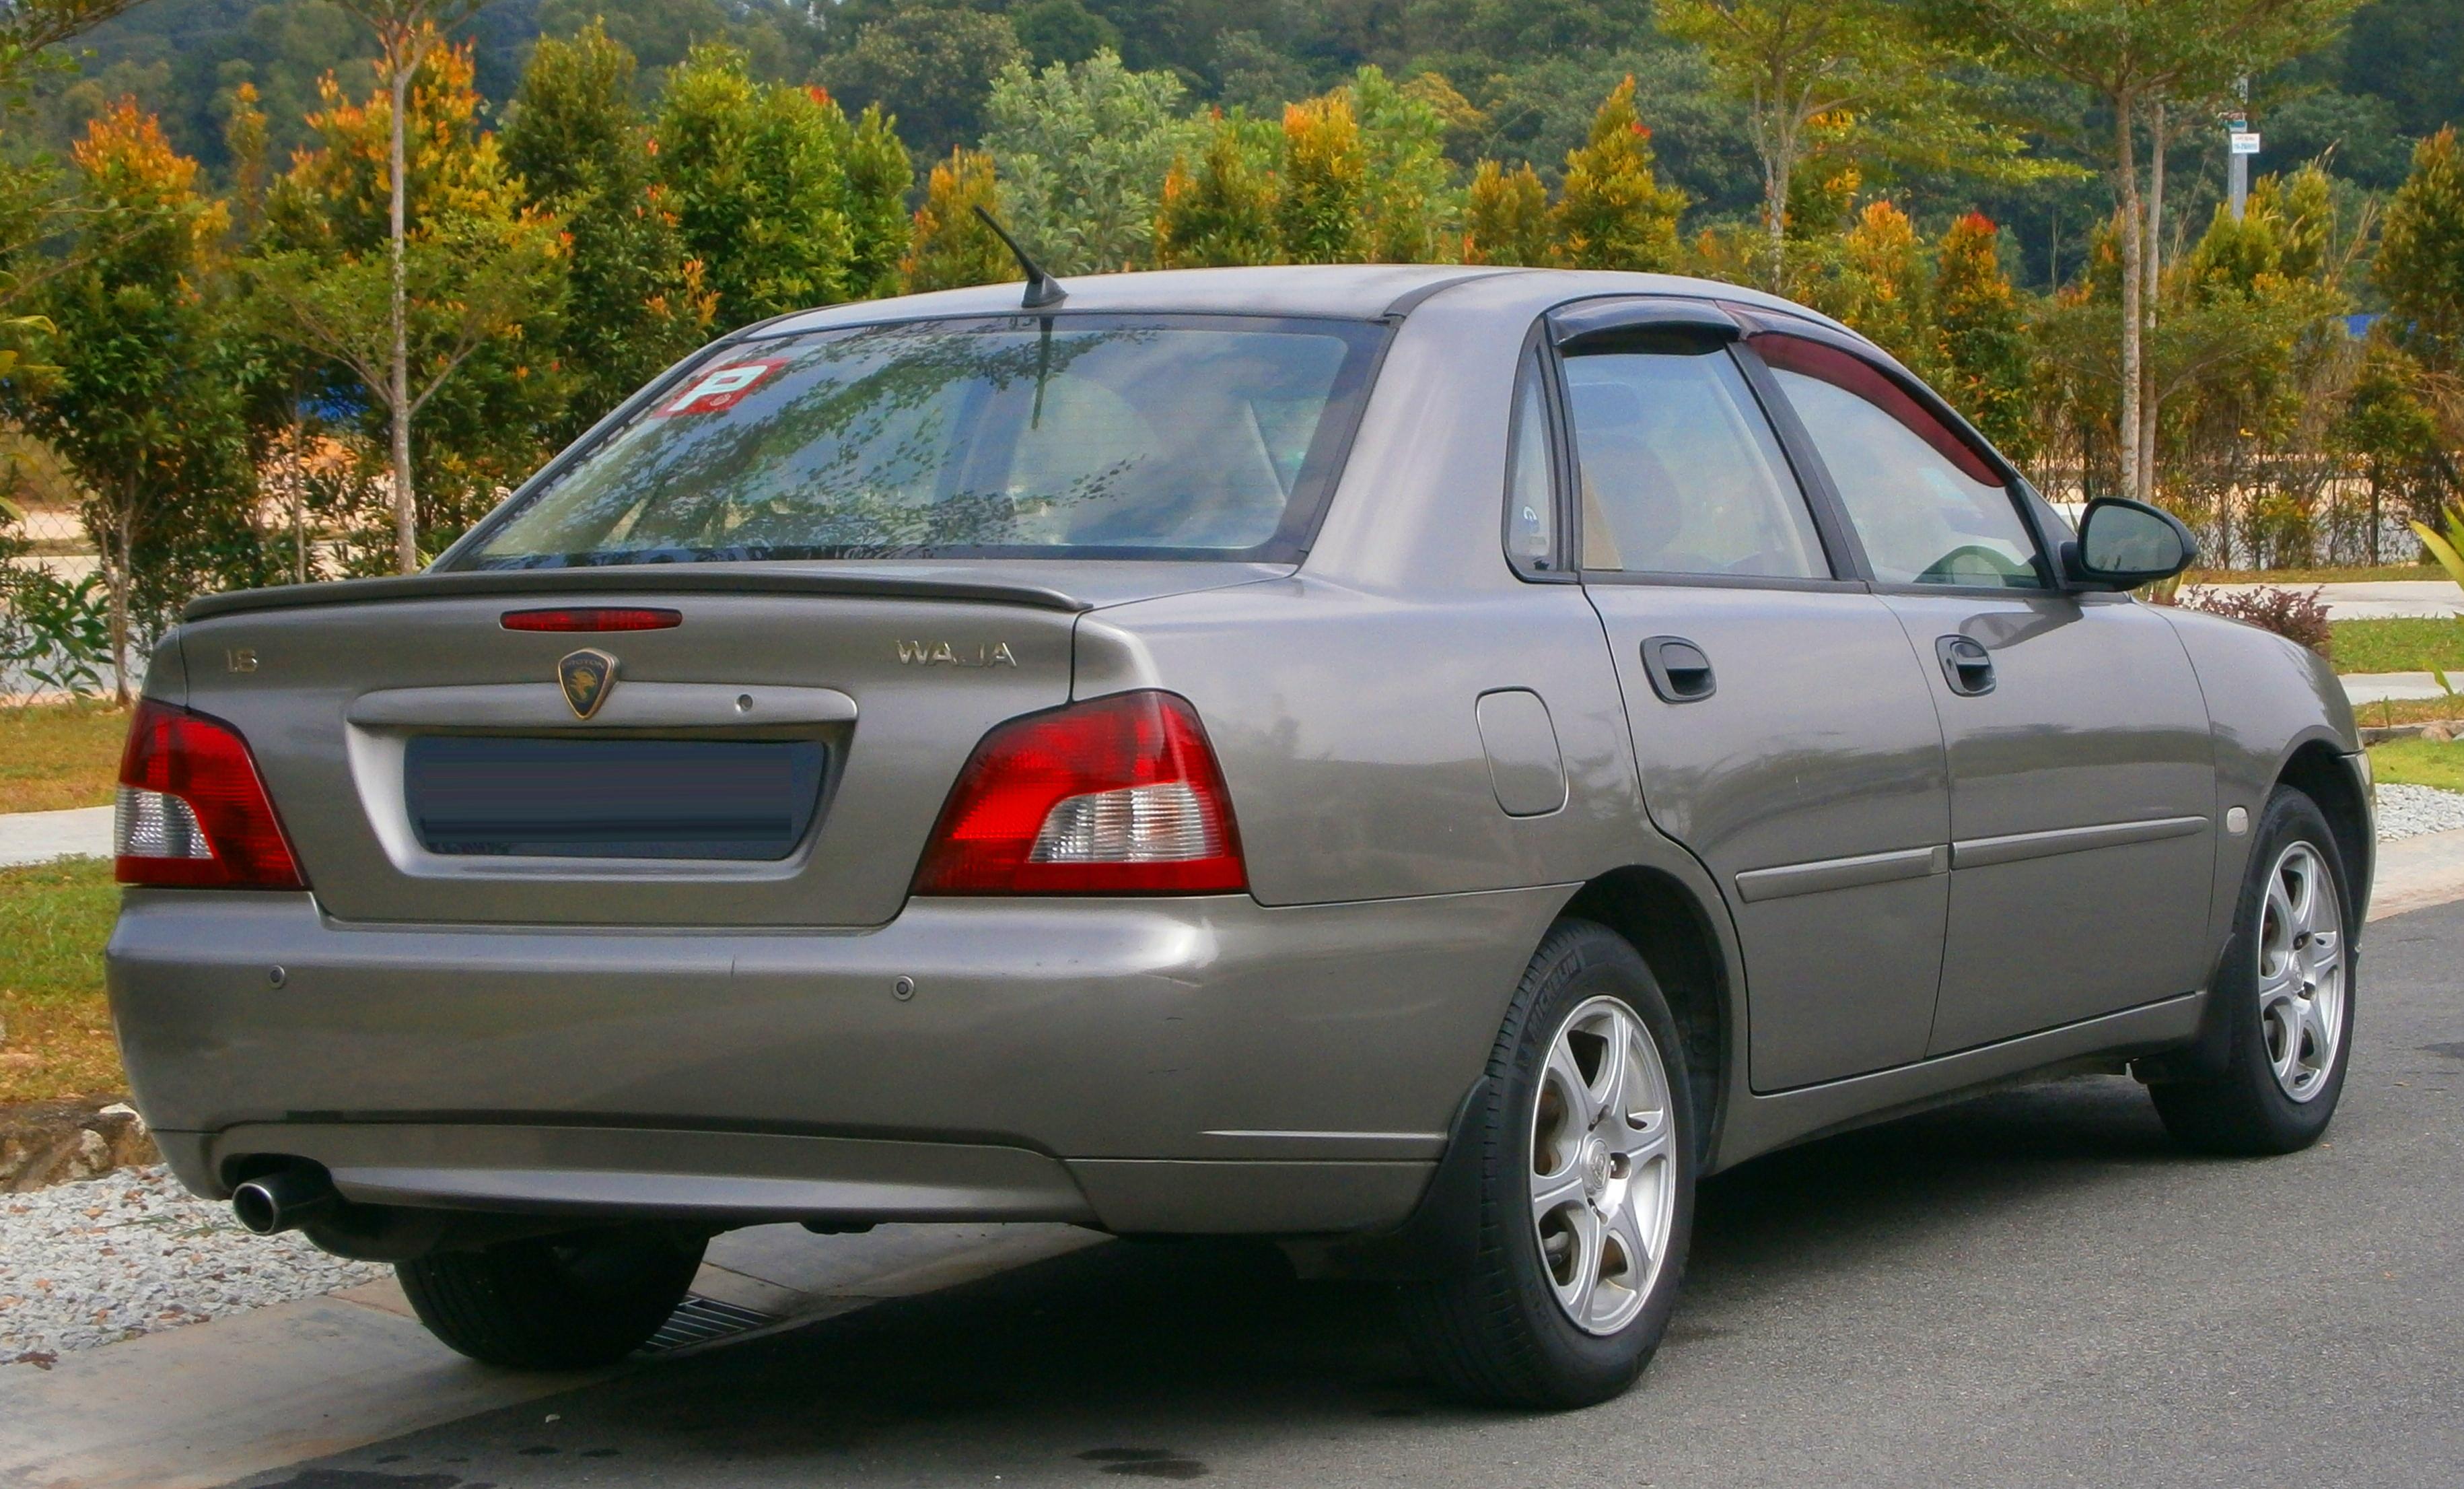 File:2005 Proton Waja 1 6 (4G18) in Puchong, Malaysia (02) jpg